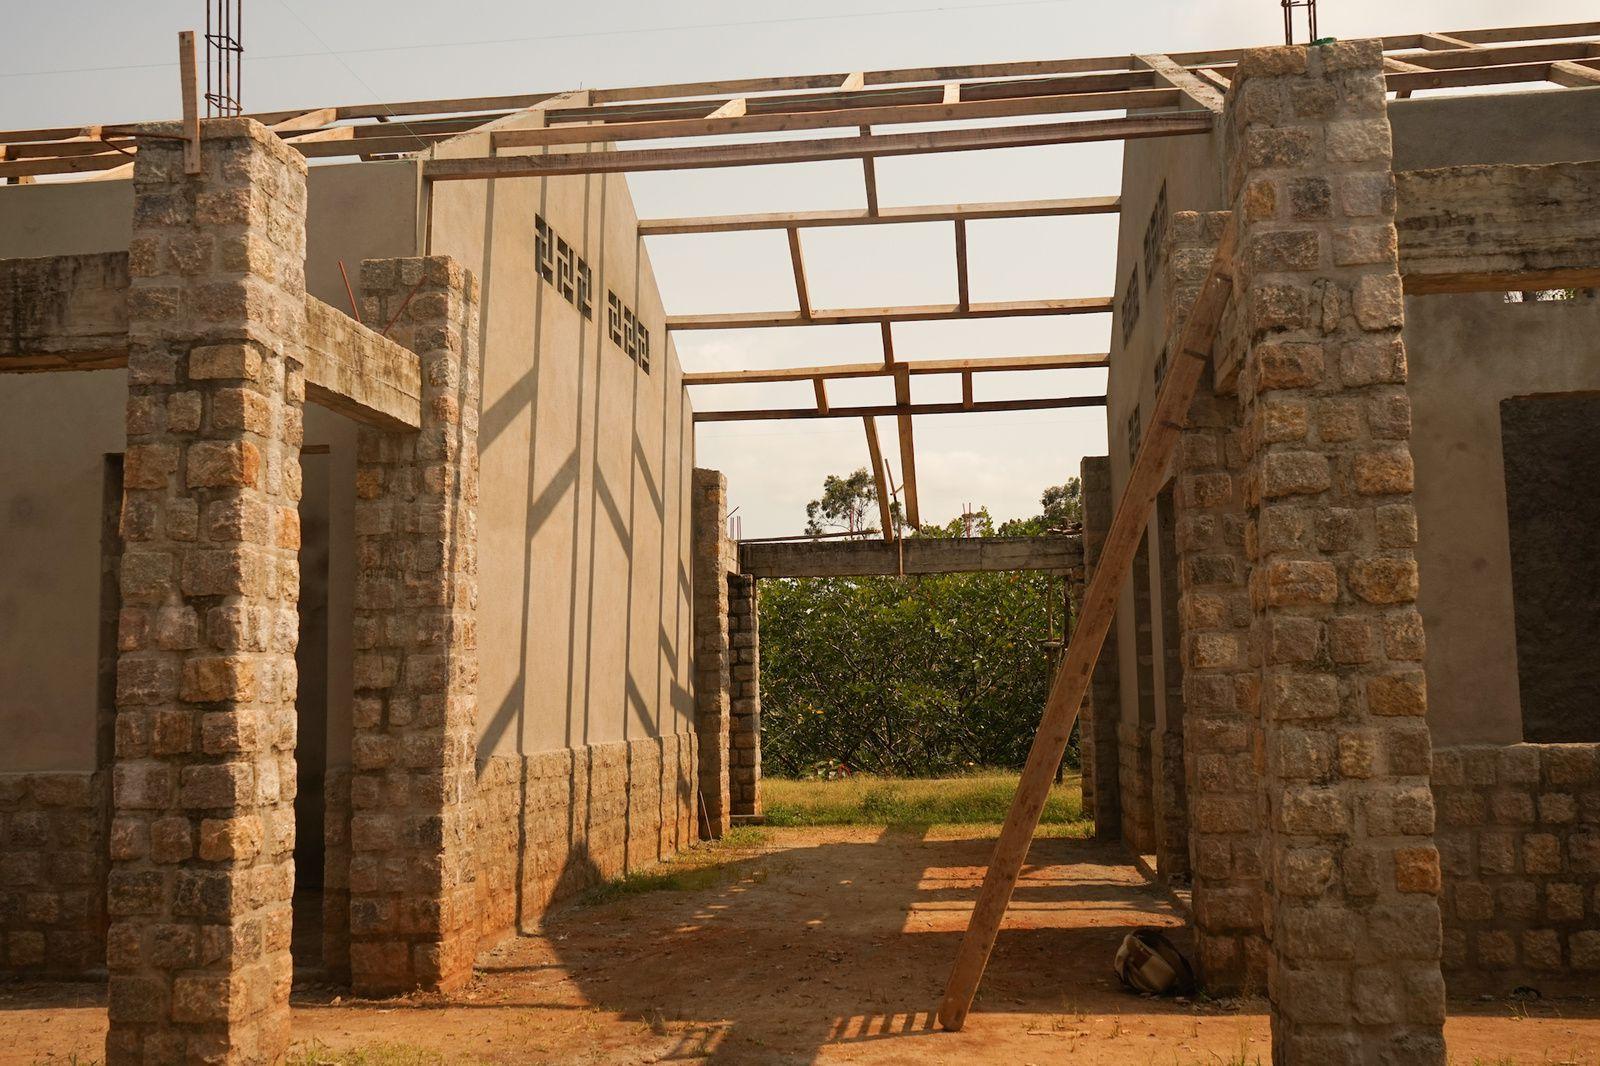 Passage entre le pavillon 8 (à droite) et le pavillon cuisine (à gauche).